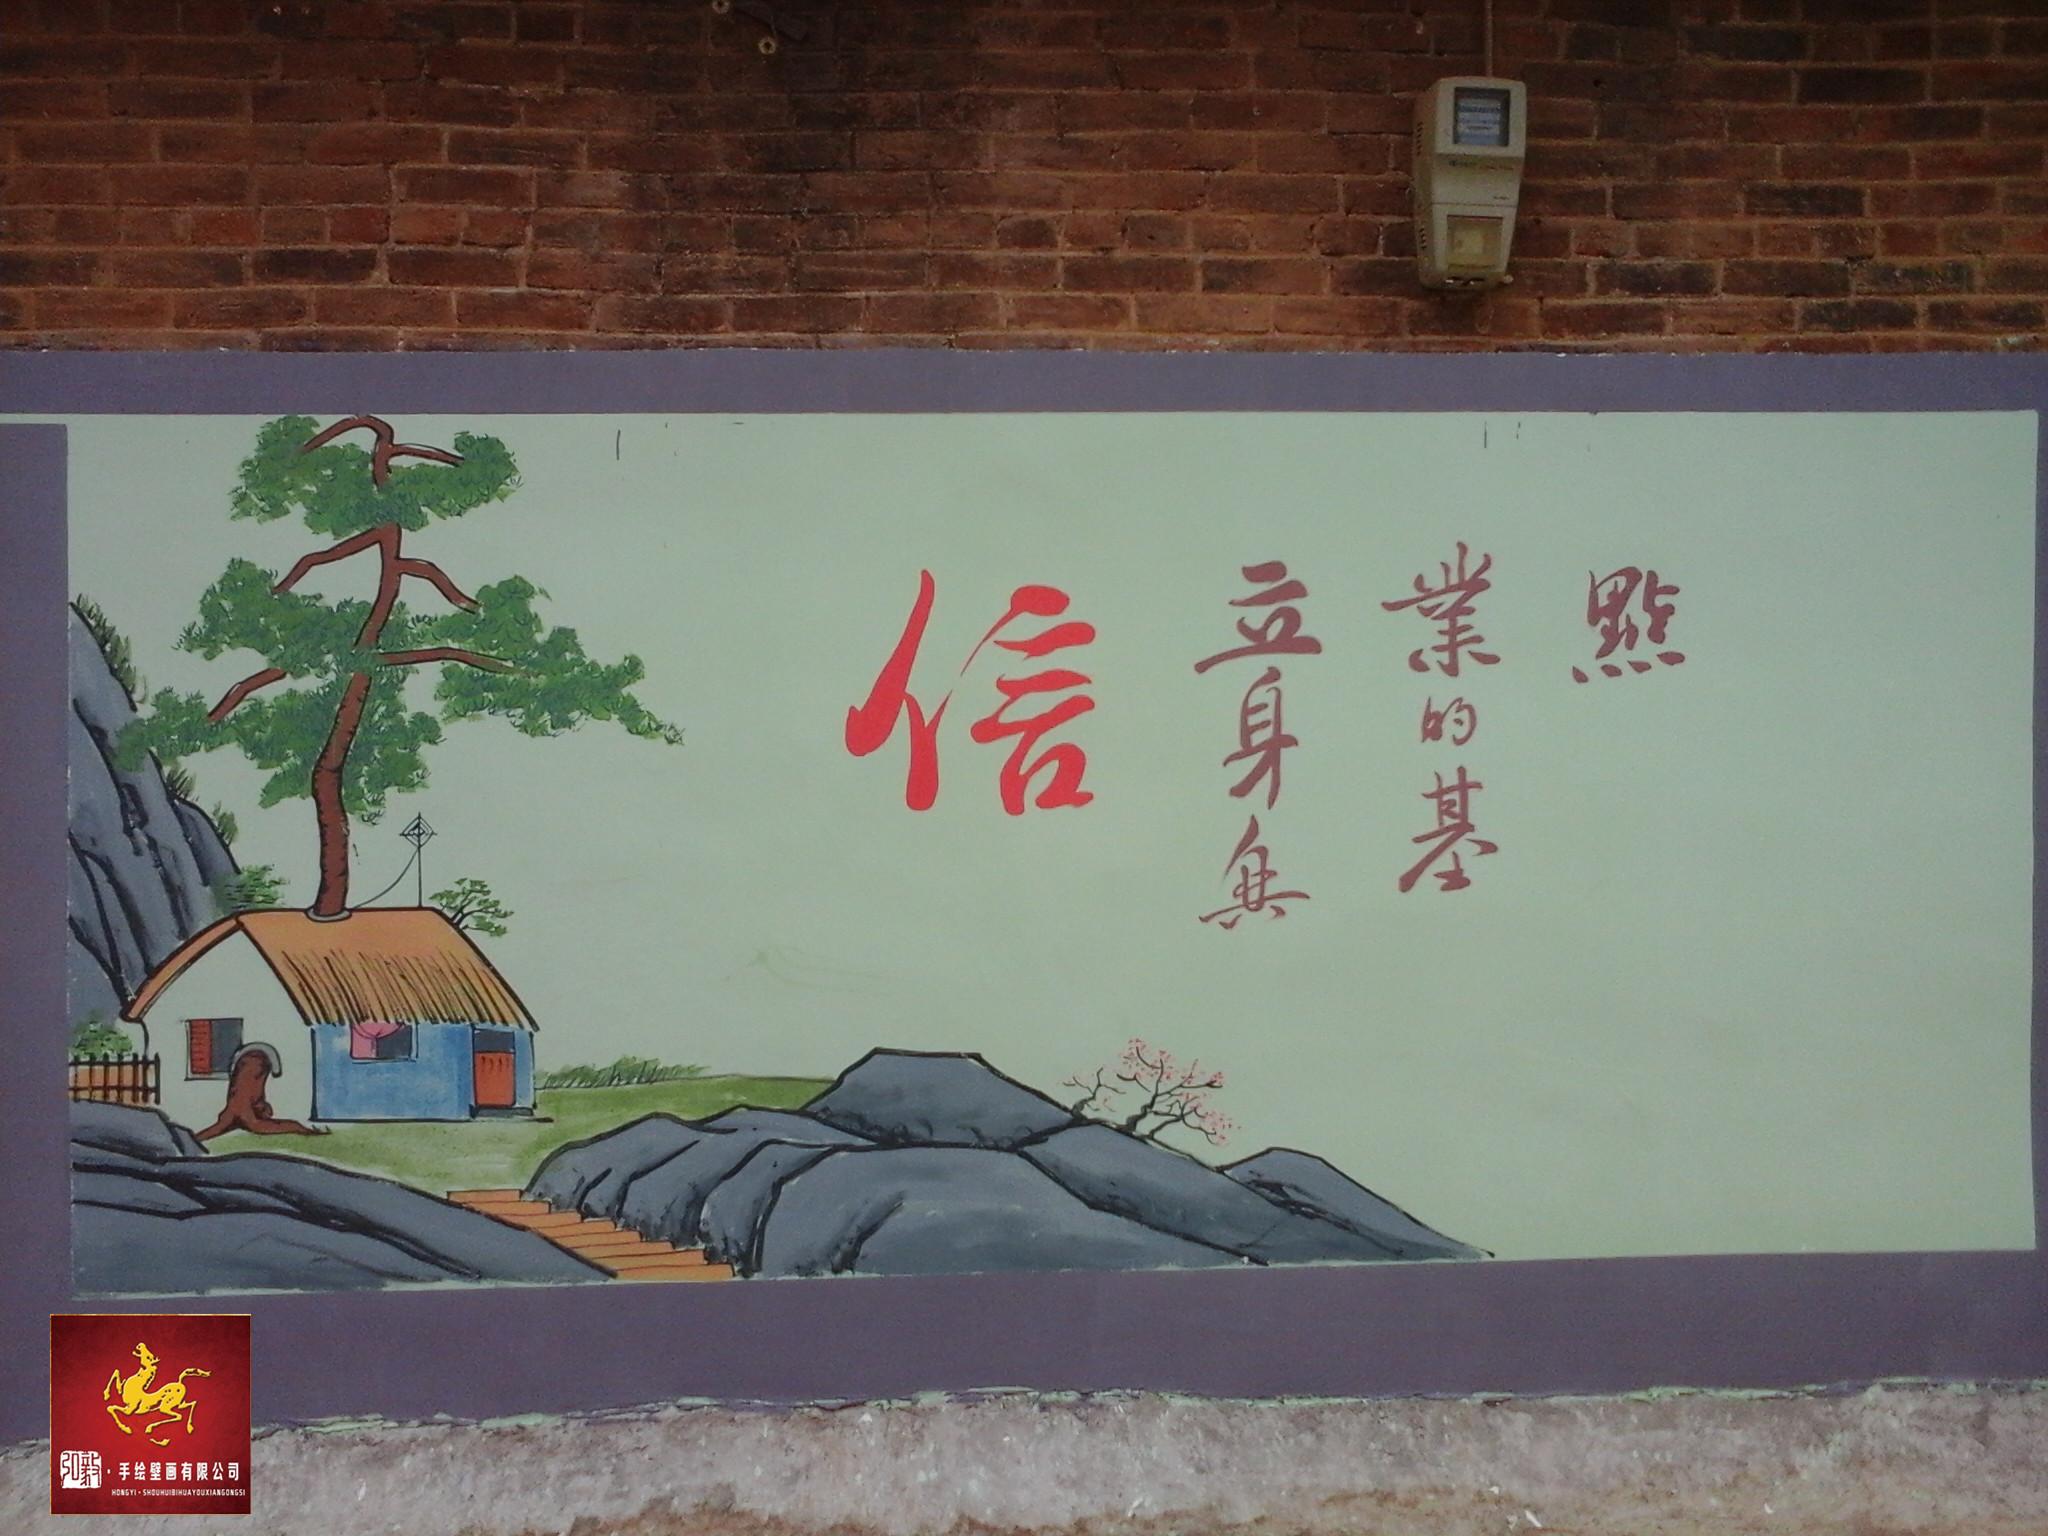 """手绘壁画之《墙上""""封子凯""""》 其他 墙绘/立体画 弘毅"""